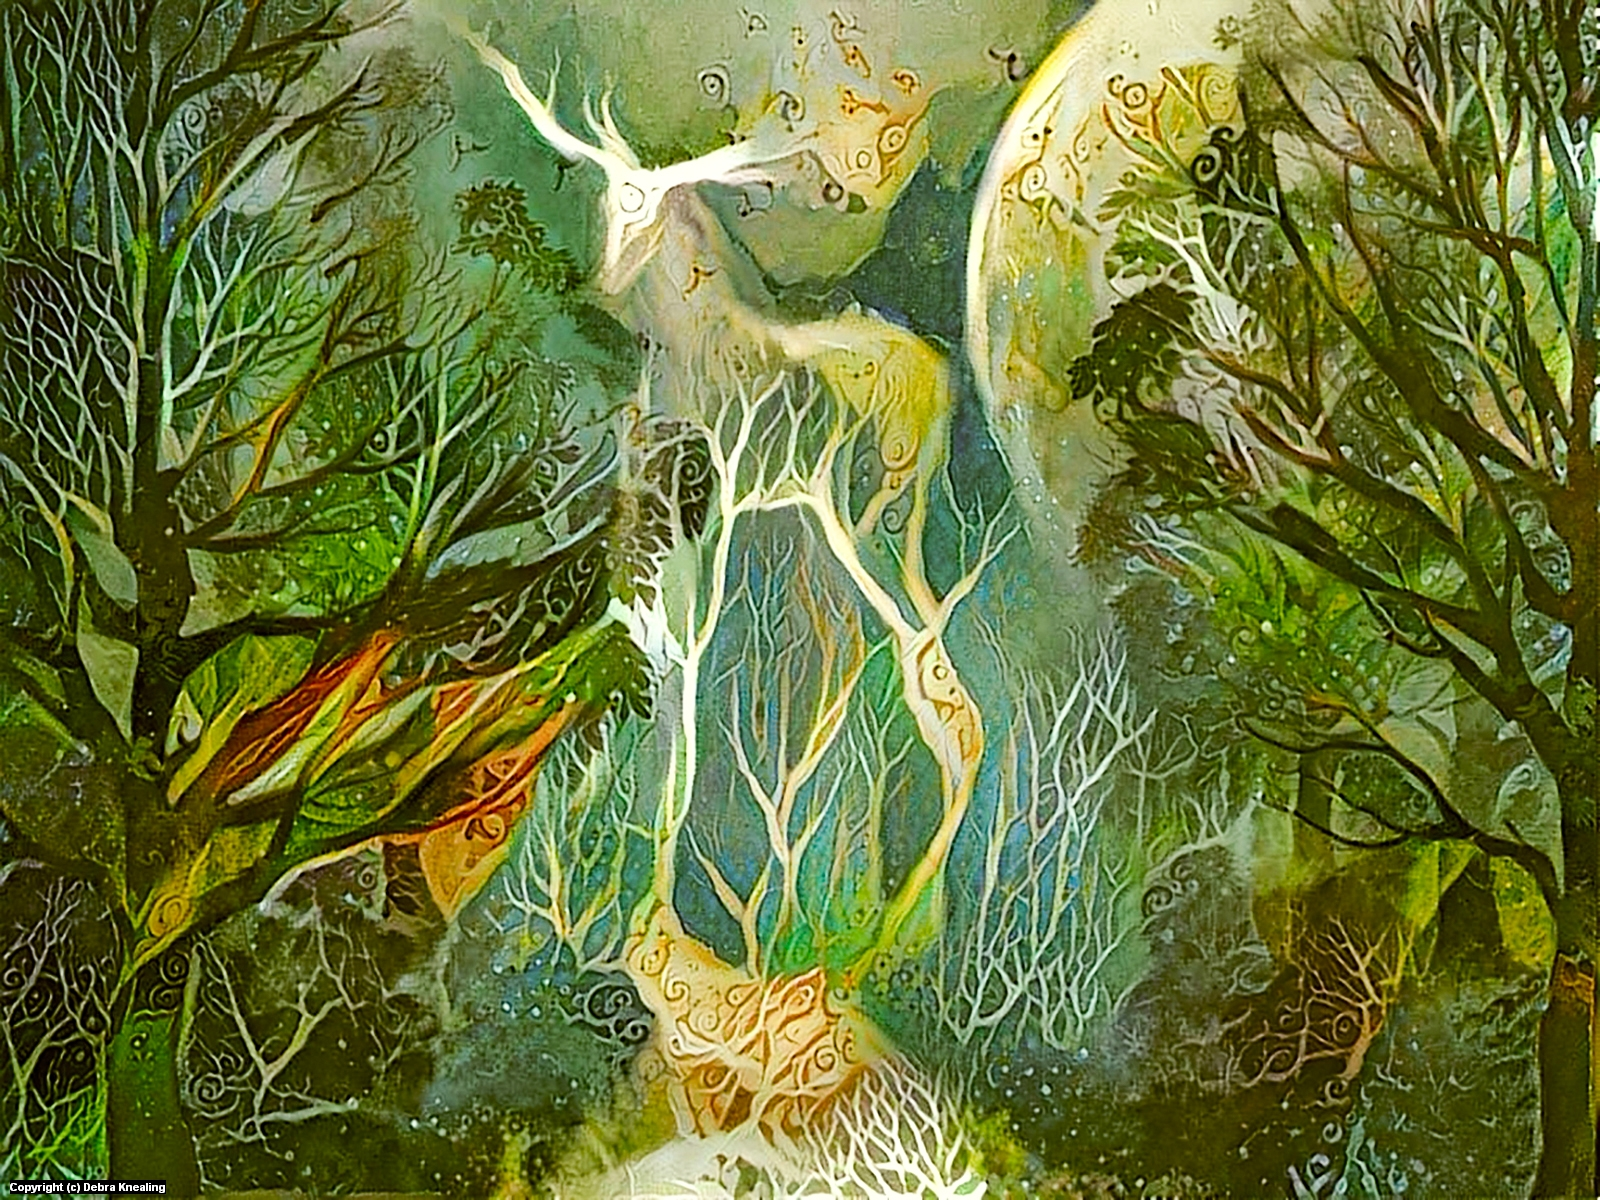 Strider Artwork by Debra Knealing